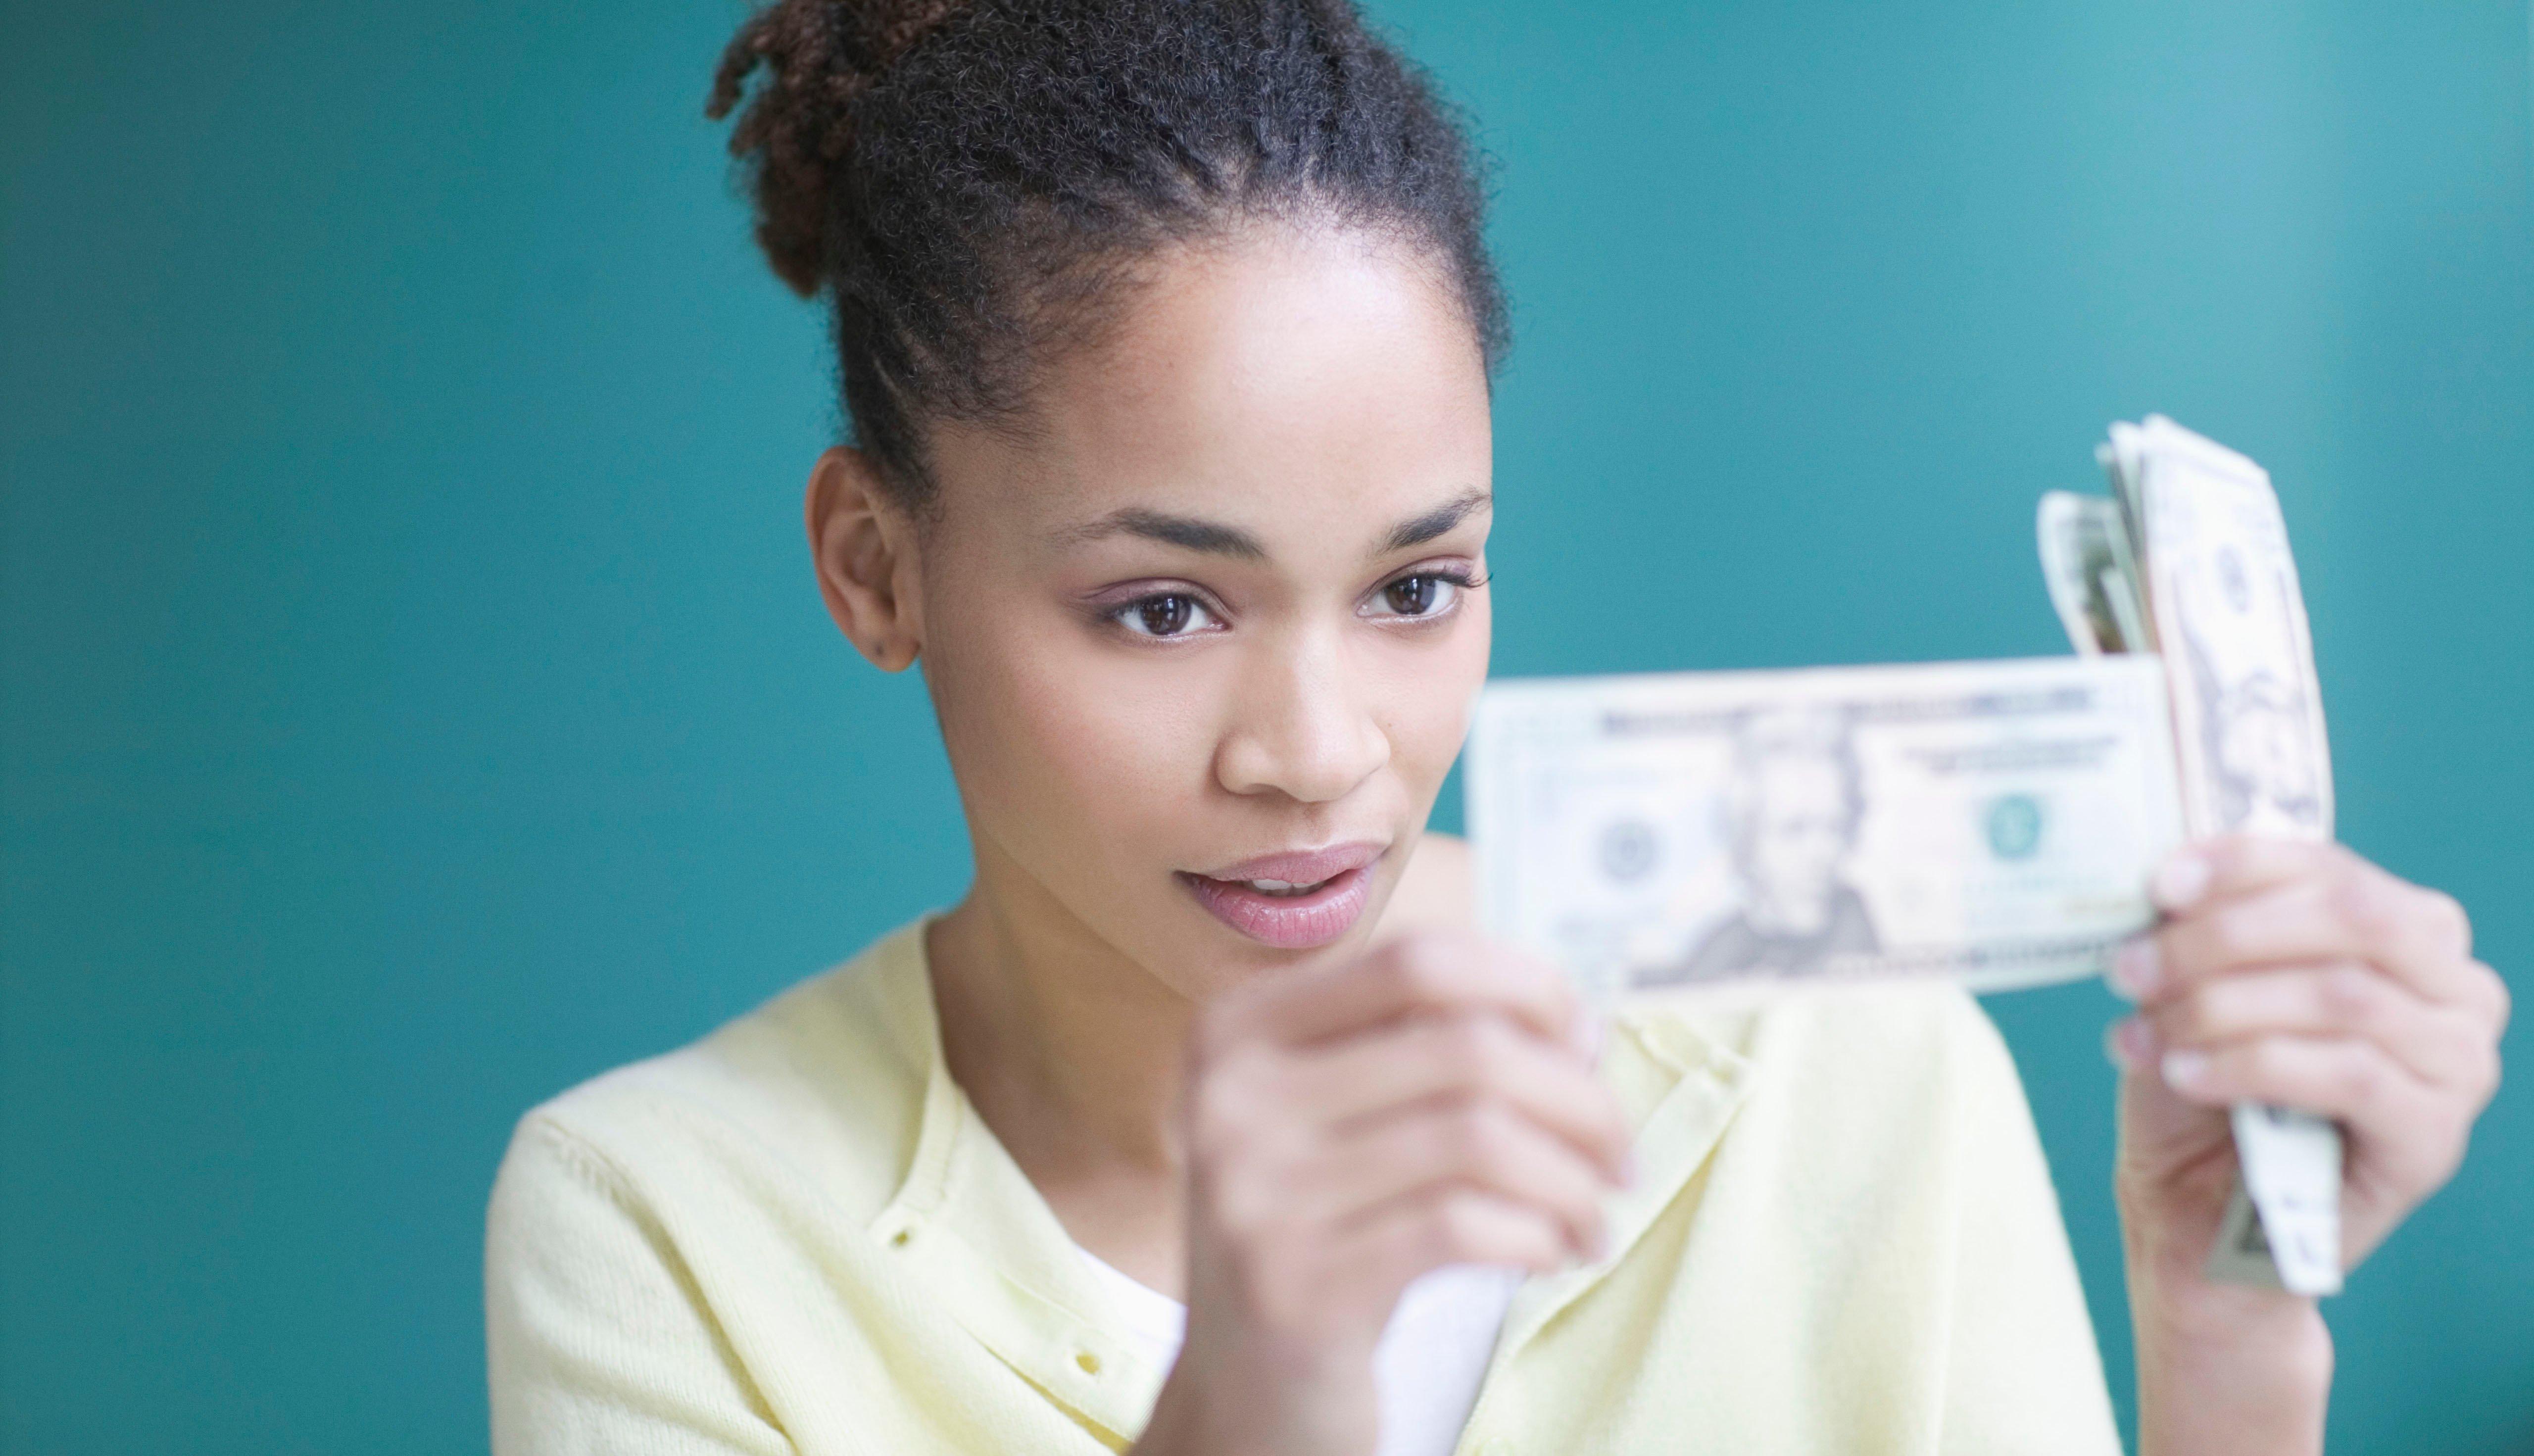 Mujer viendo dólares que sostiene en sus manos